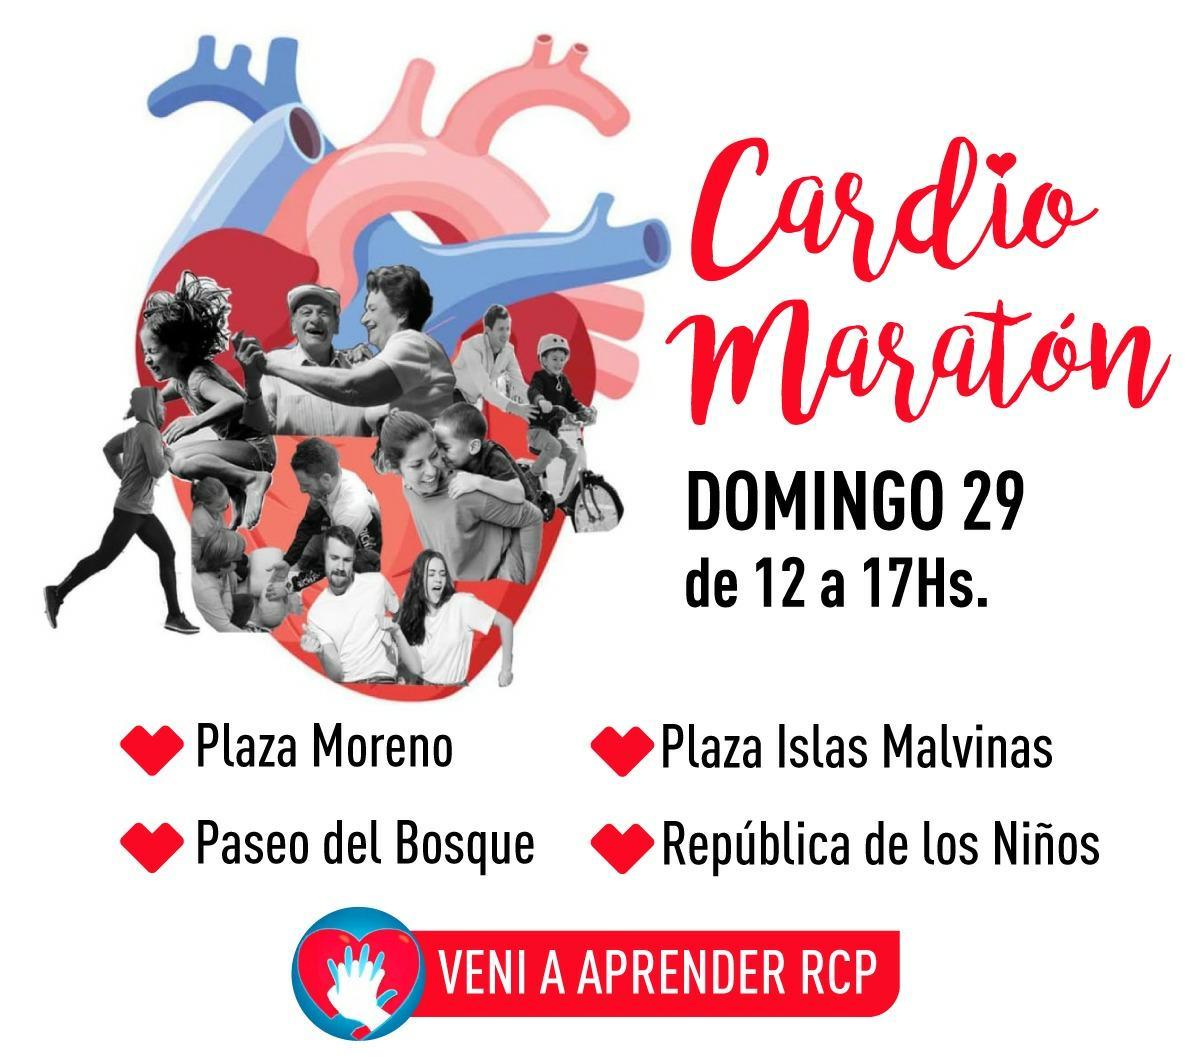 ¡Cardiomaratón en RCP!